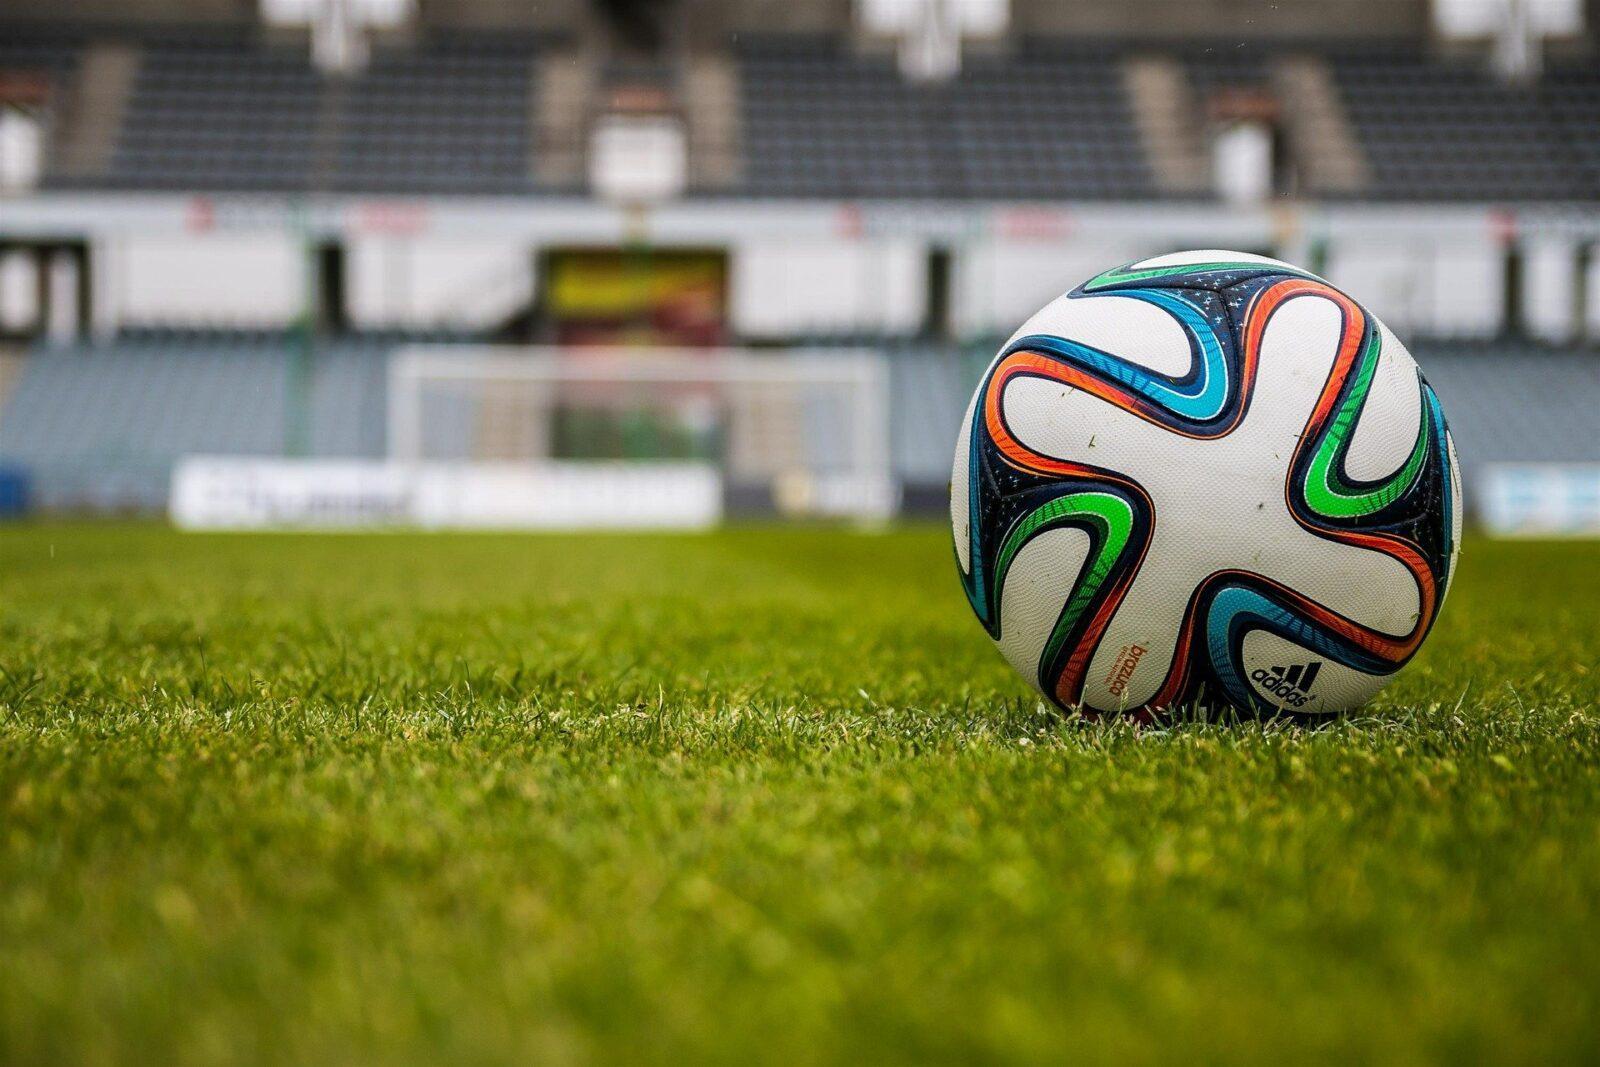 Чемпионат Азии по футболу пройдет в Узбекистане в октябре